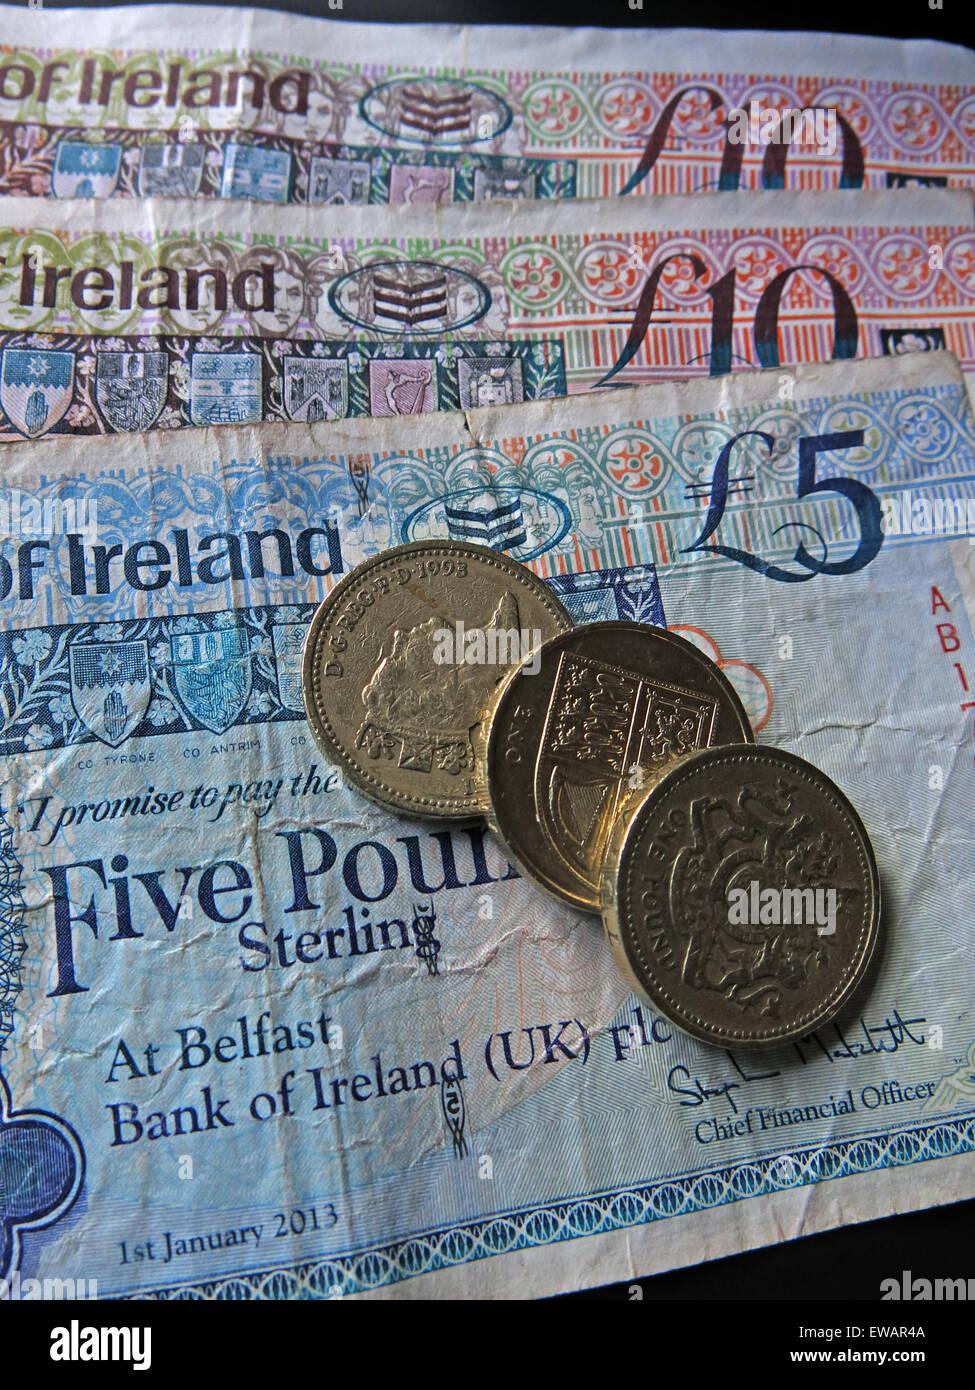 Laden Sie dieses Alamy Stockfoto Nördlichen irischen £5, £10 Notizen und Pfund-Münzen als gesetzliches Zahlungsmittel von der Bank Of Ireland Belfast - EWAR4A